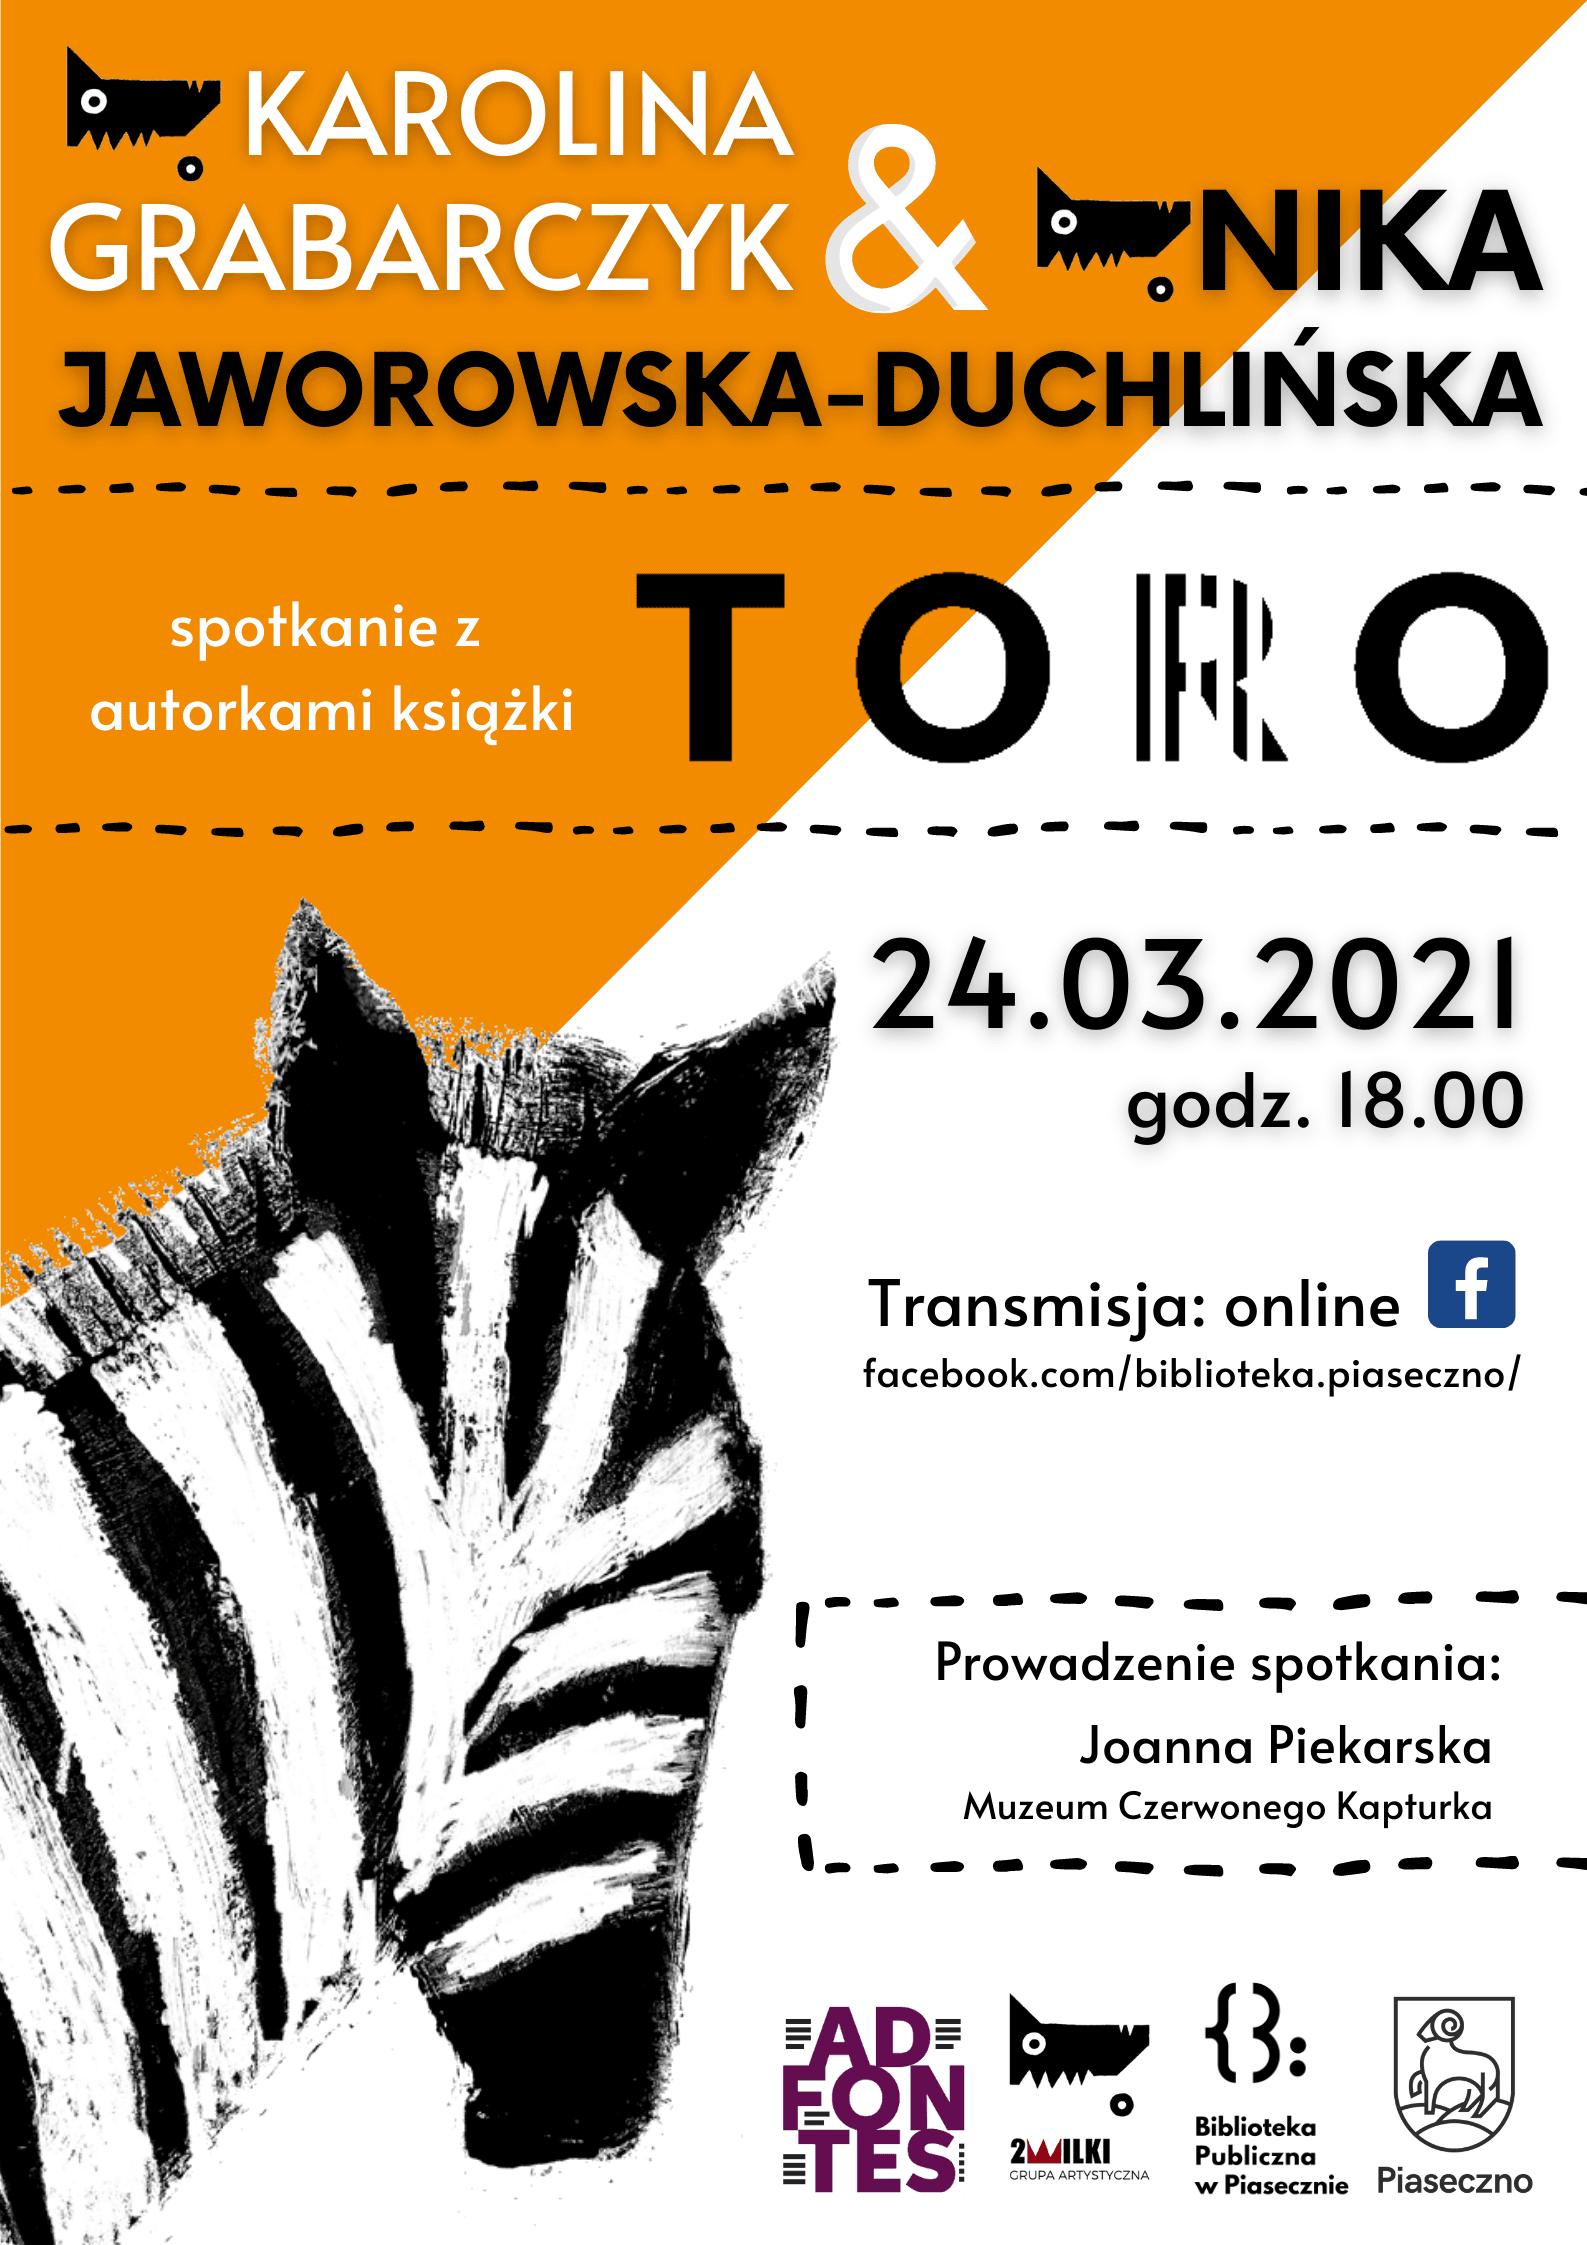 """Spotkanie Autorskie """"Toro"""" 24.03.2021 - plakat informujący o spotkaniu"""